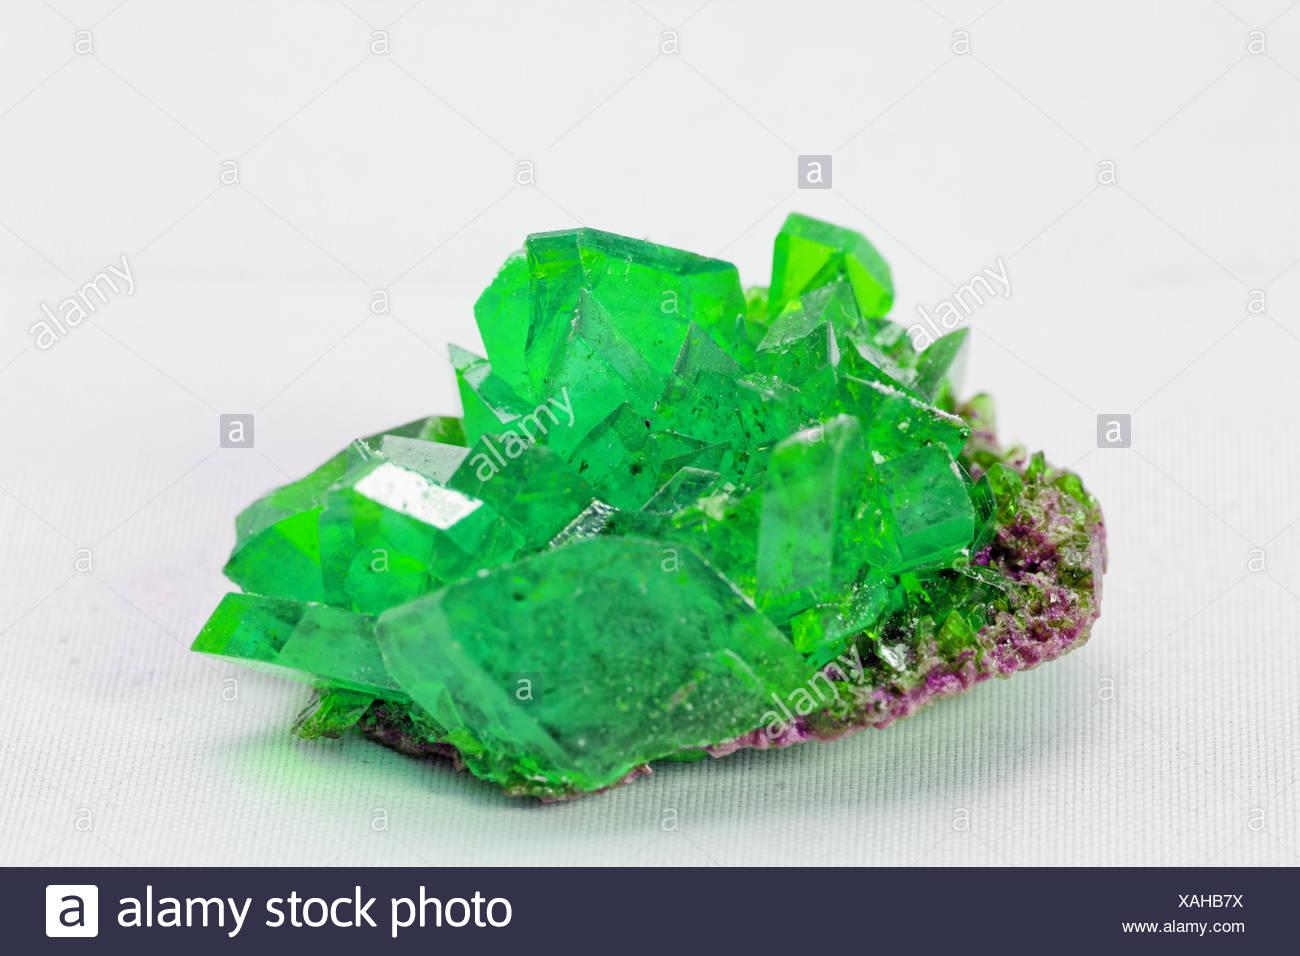 Couleur De L Emeraude close up photo sur un cristal de couleur émeraude sur fond